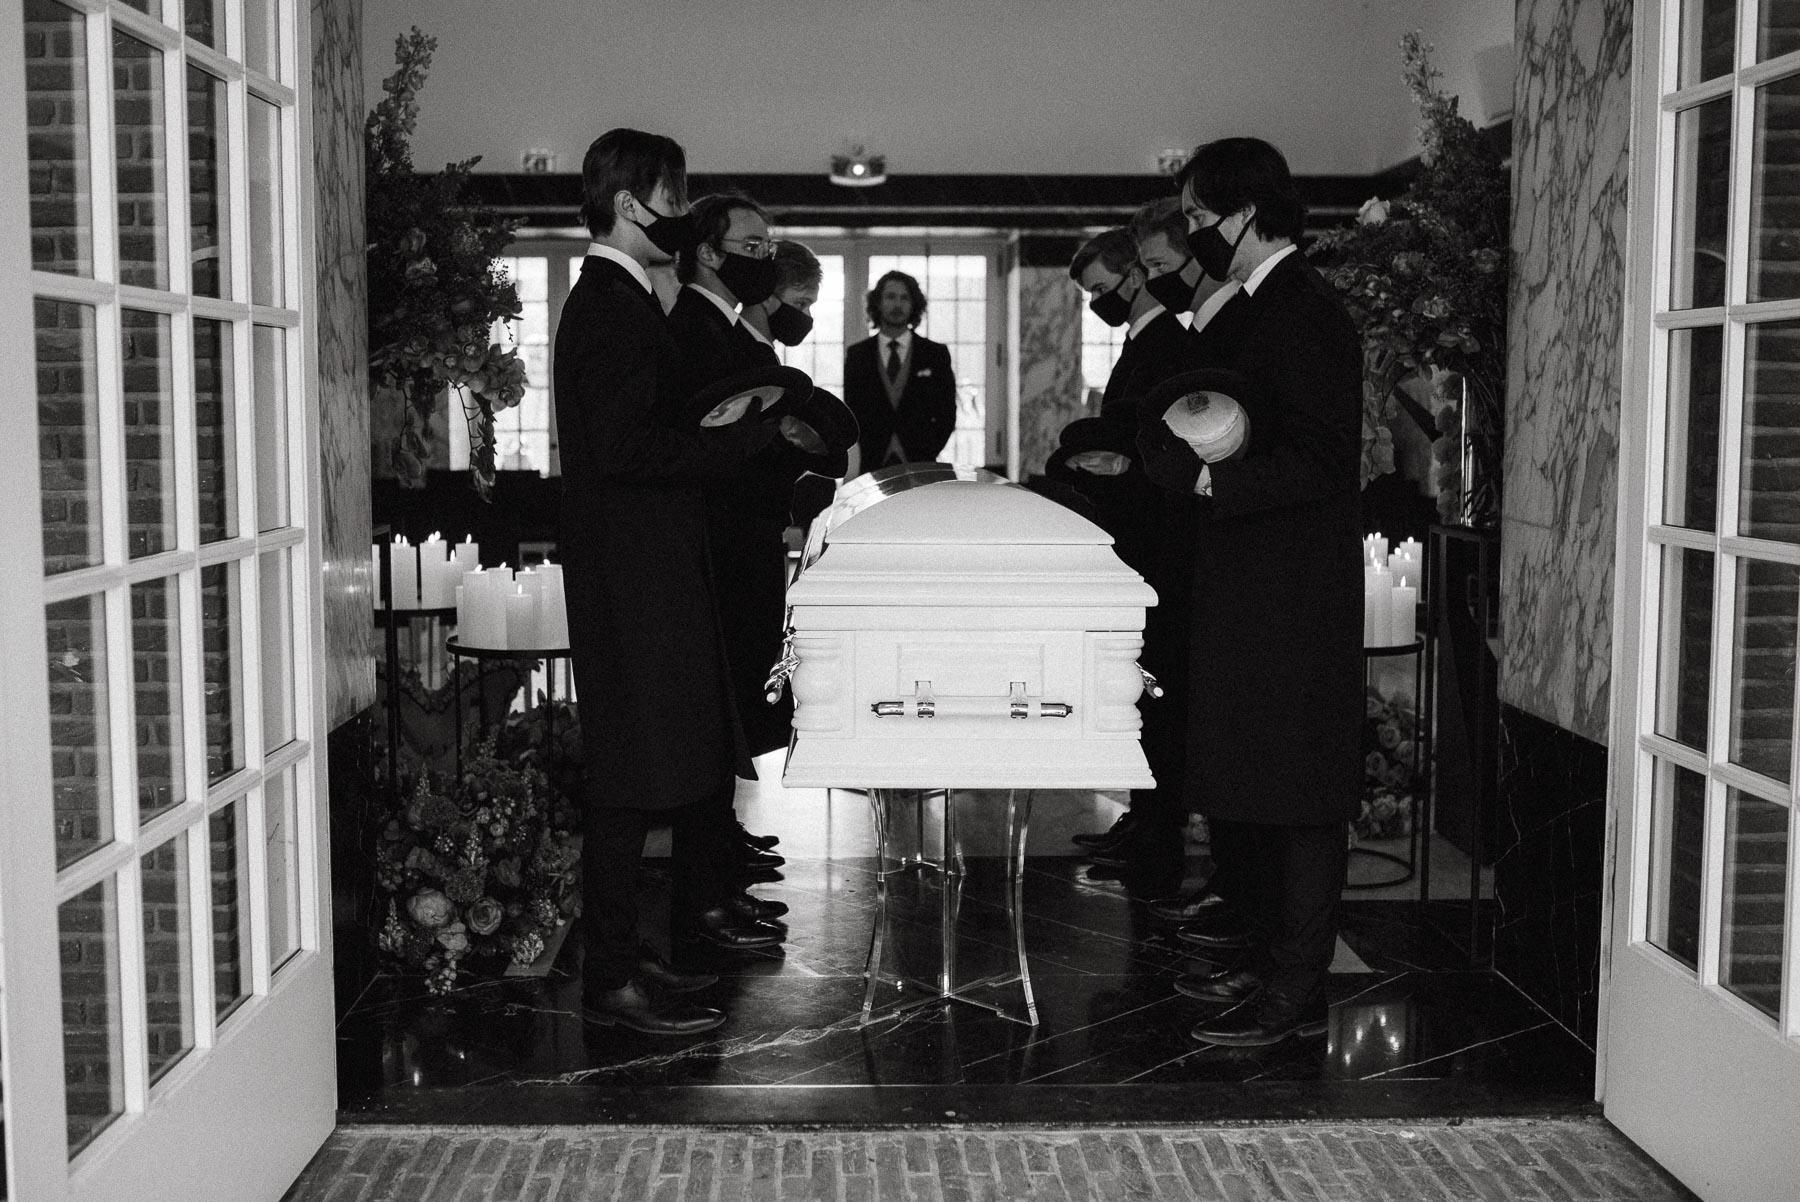 afscheidsfotograaf breda, uitvaartfotograaf, rouwfotograaf, begravenis, begraafplaats, crematie, crematorium